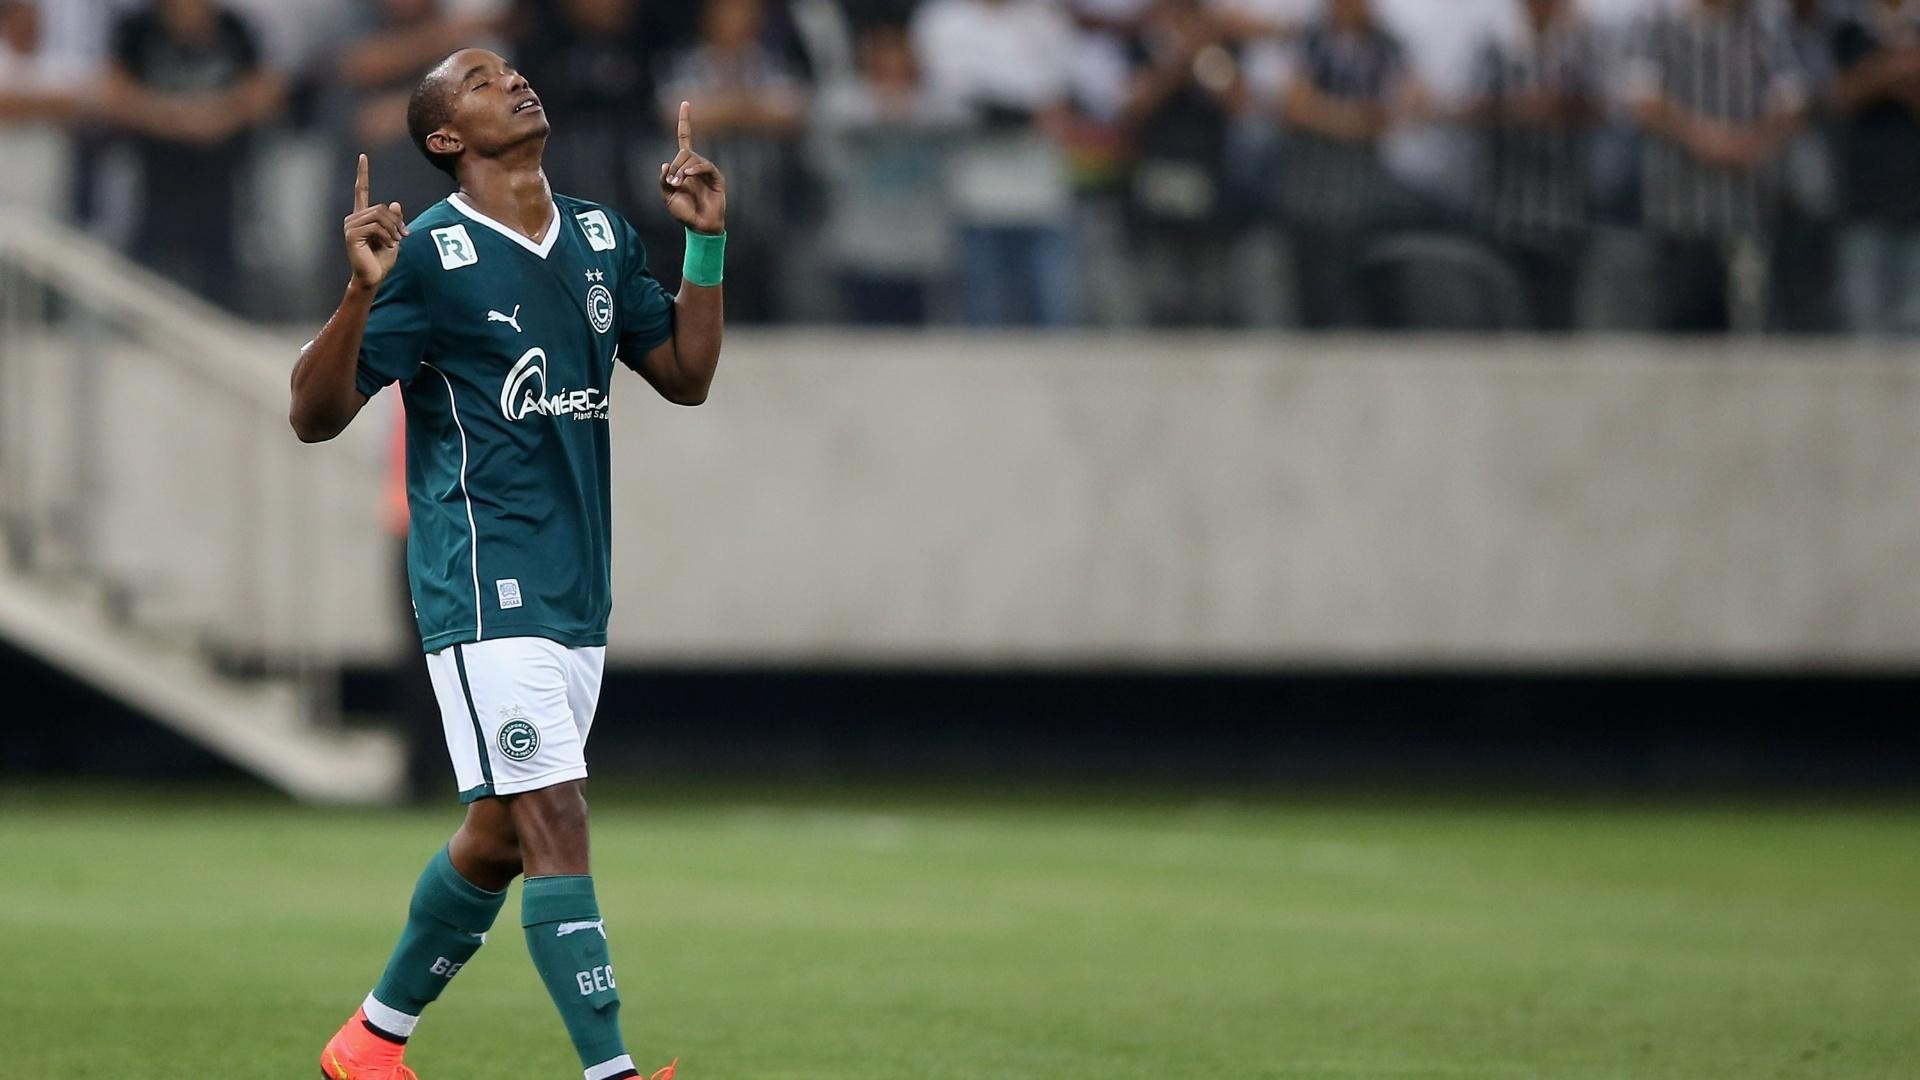 Thiago Mendes aponta para o céu após abrir o placar para o Goiás sobre o Corinthians